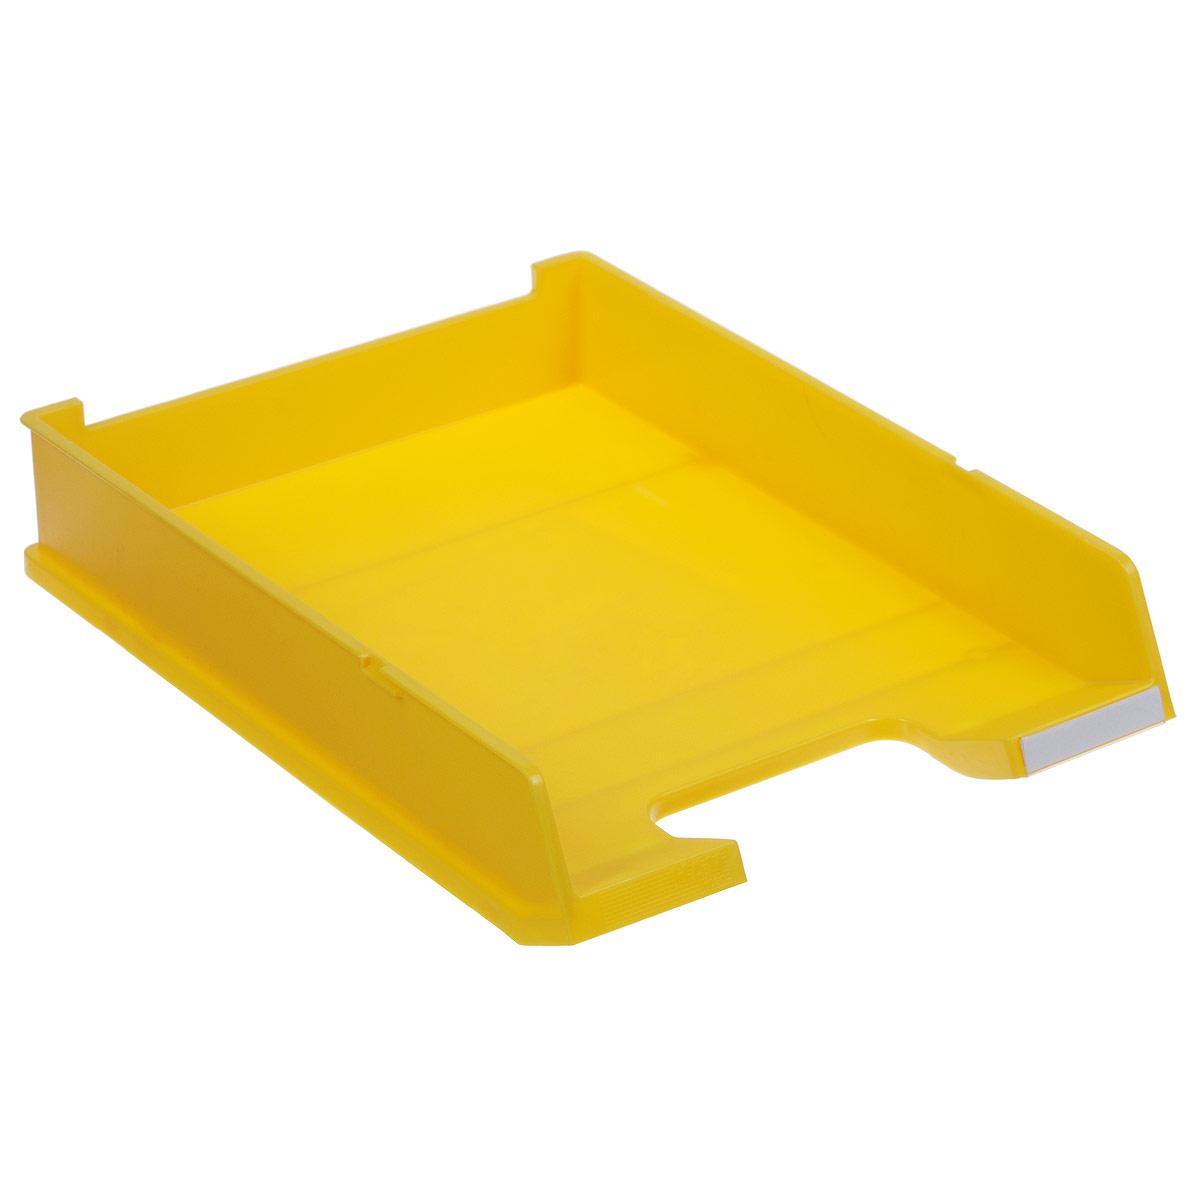 Лоток для бумаг горизонтальный HAN C4, цвет: желтыйHA1020/15Горизонтальный лоток для бумаг HAN C4 предназначен для хранения бумаг и документов формата А4. Лоток с оригинальным дизайном корпуса поможет вам навести порядок на столе и сэкономить пространство. Лоток изготовлен из экологически чистого непрозрачного антистатического пластика. Приподнятая фронтальная часть лотка облегчает изъятие документов из накопителя. Лоток имеет пластиковые ножки, предотвращающие скольжение по столу. Также лоток оснащен небольшим прозрачным окошком для этикетки. Лоток для бумаг станет незаменимым помощником для работы с бумагами дома или в офисе, а его стильный дизайн впишется в любой интерьер. Благодаря лотку для бумаг, важные бумаги и документы всегда будут под рукой. Несколько лотков можно ставить друг на друга, один в другой и друг на друга со смещением.